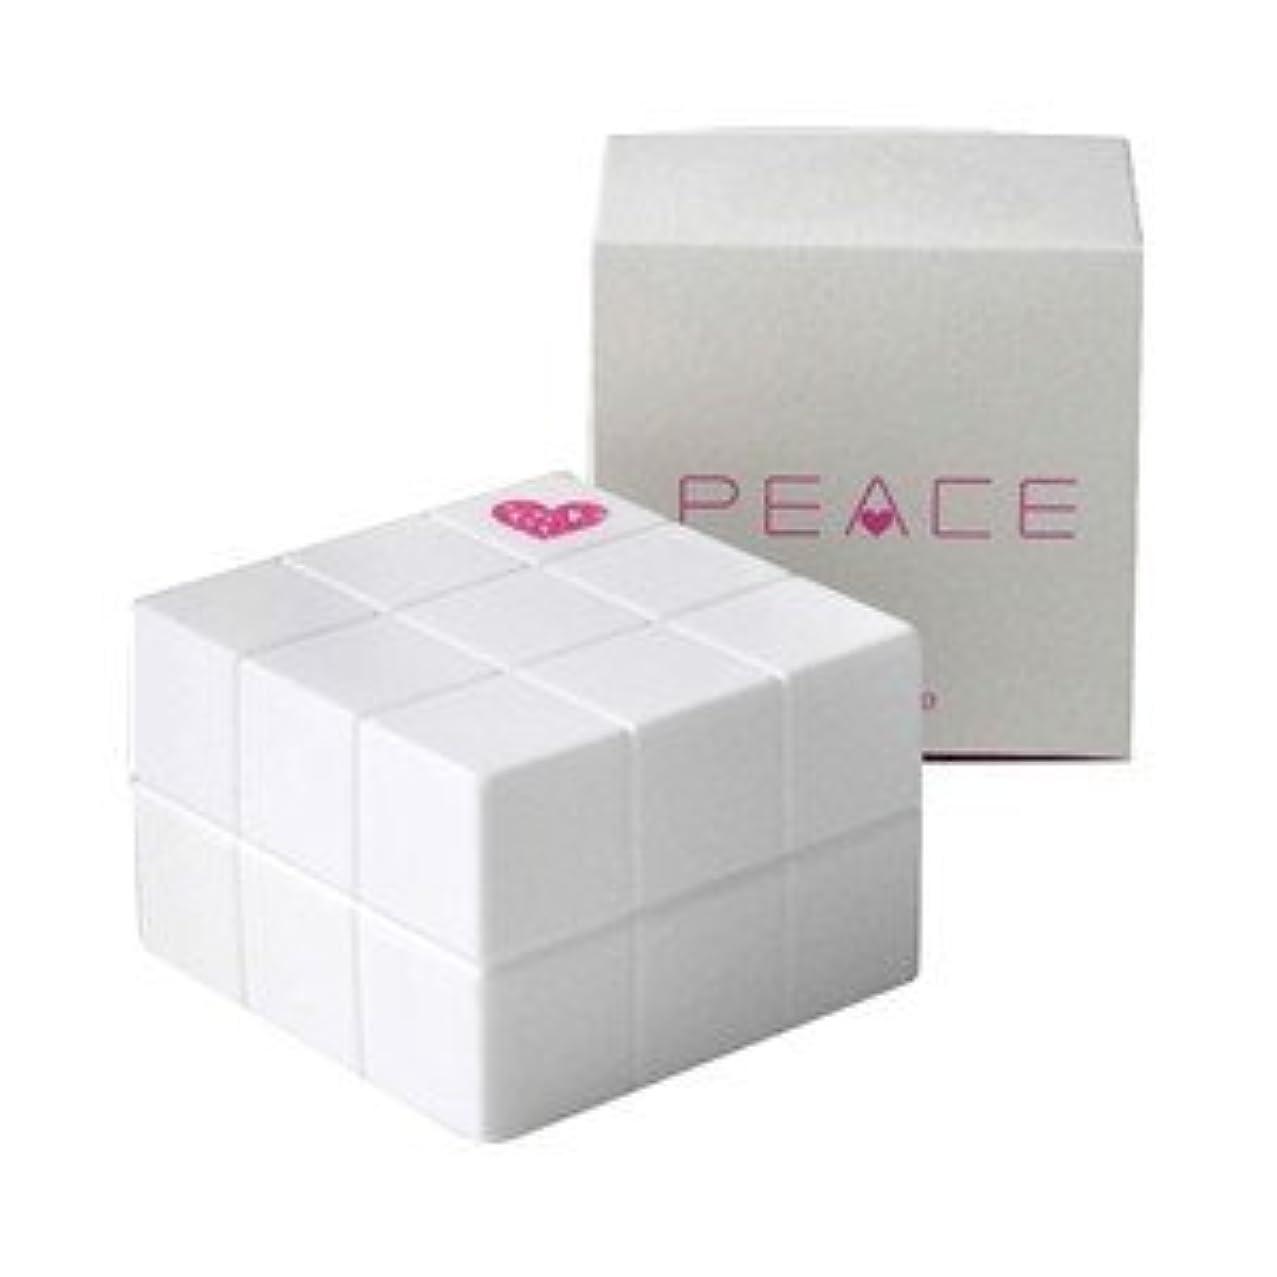 クロール望む面倒アリミノ ピース プロデザイン グロスワックス40g ×2個 セット arimino PEACE